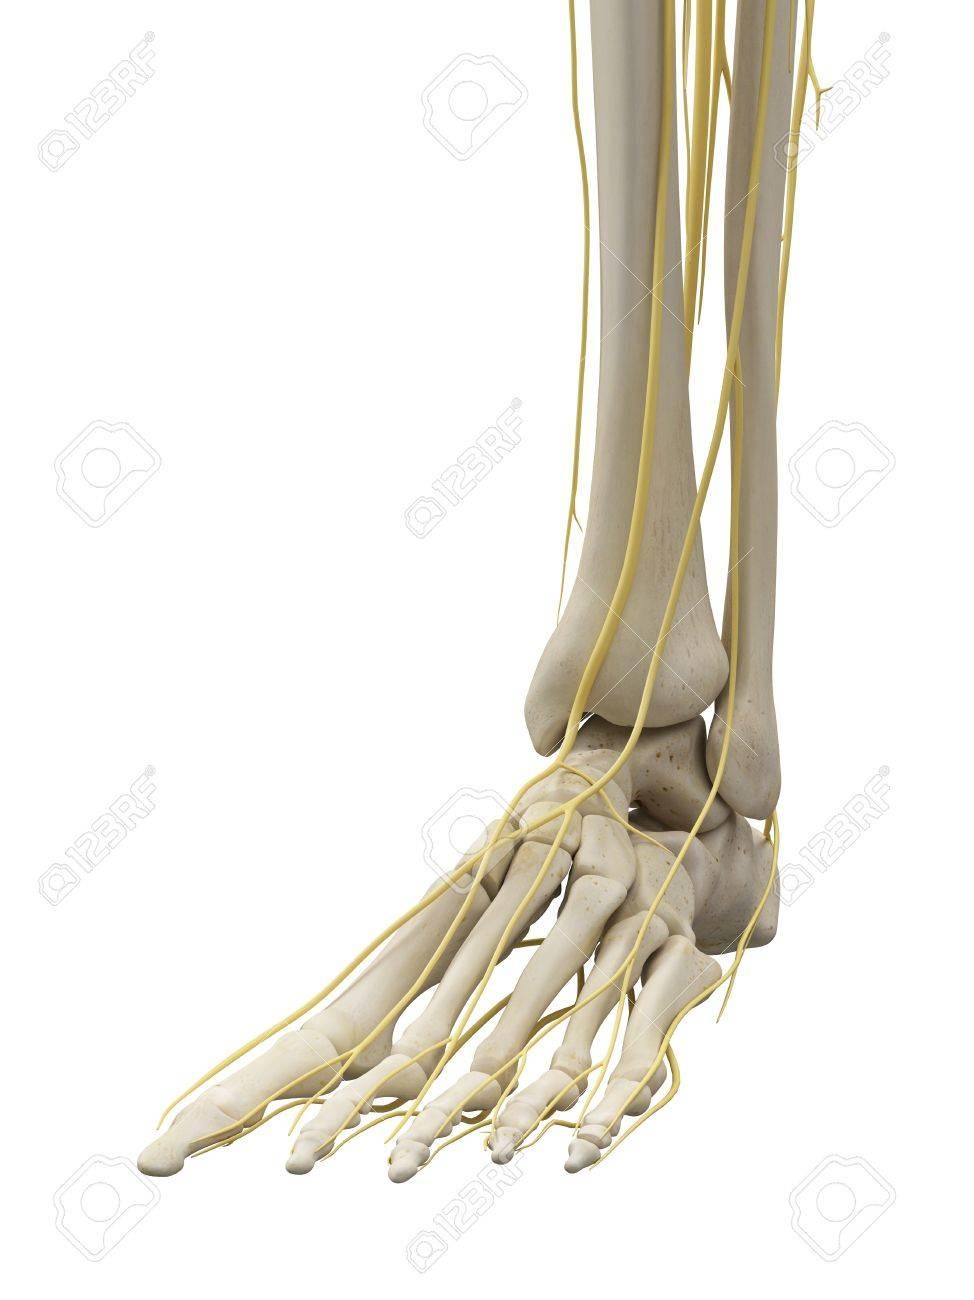 Gemütlich Bein Und Fußknochen Bilder - Anatomie von Menschlichen ...